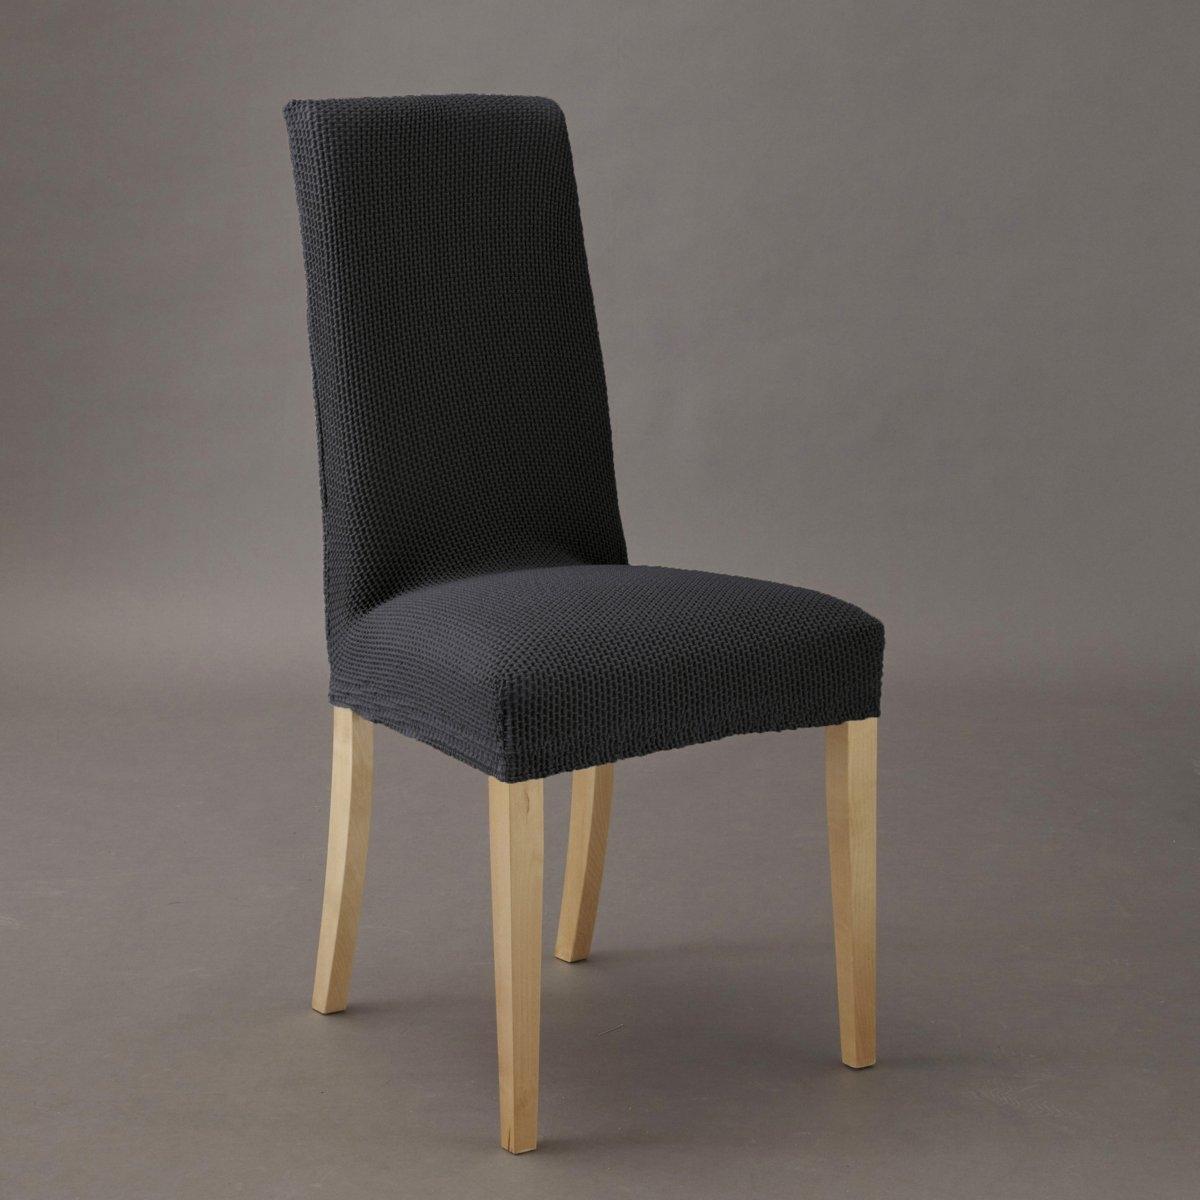 Чехол для стула Ахмис